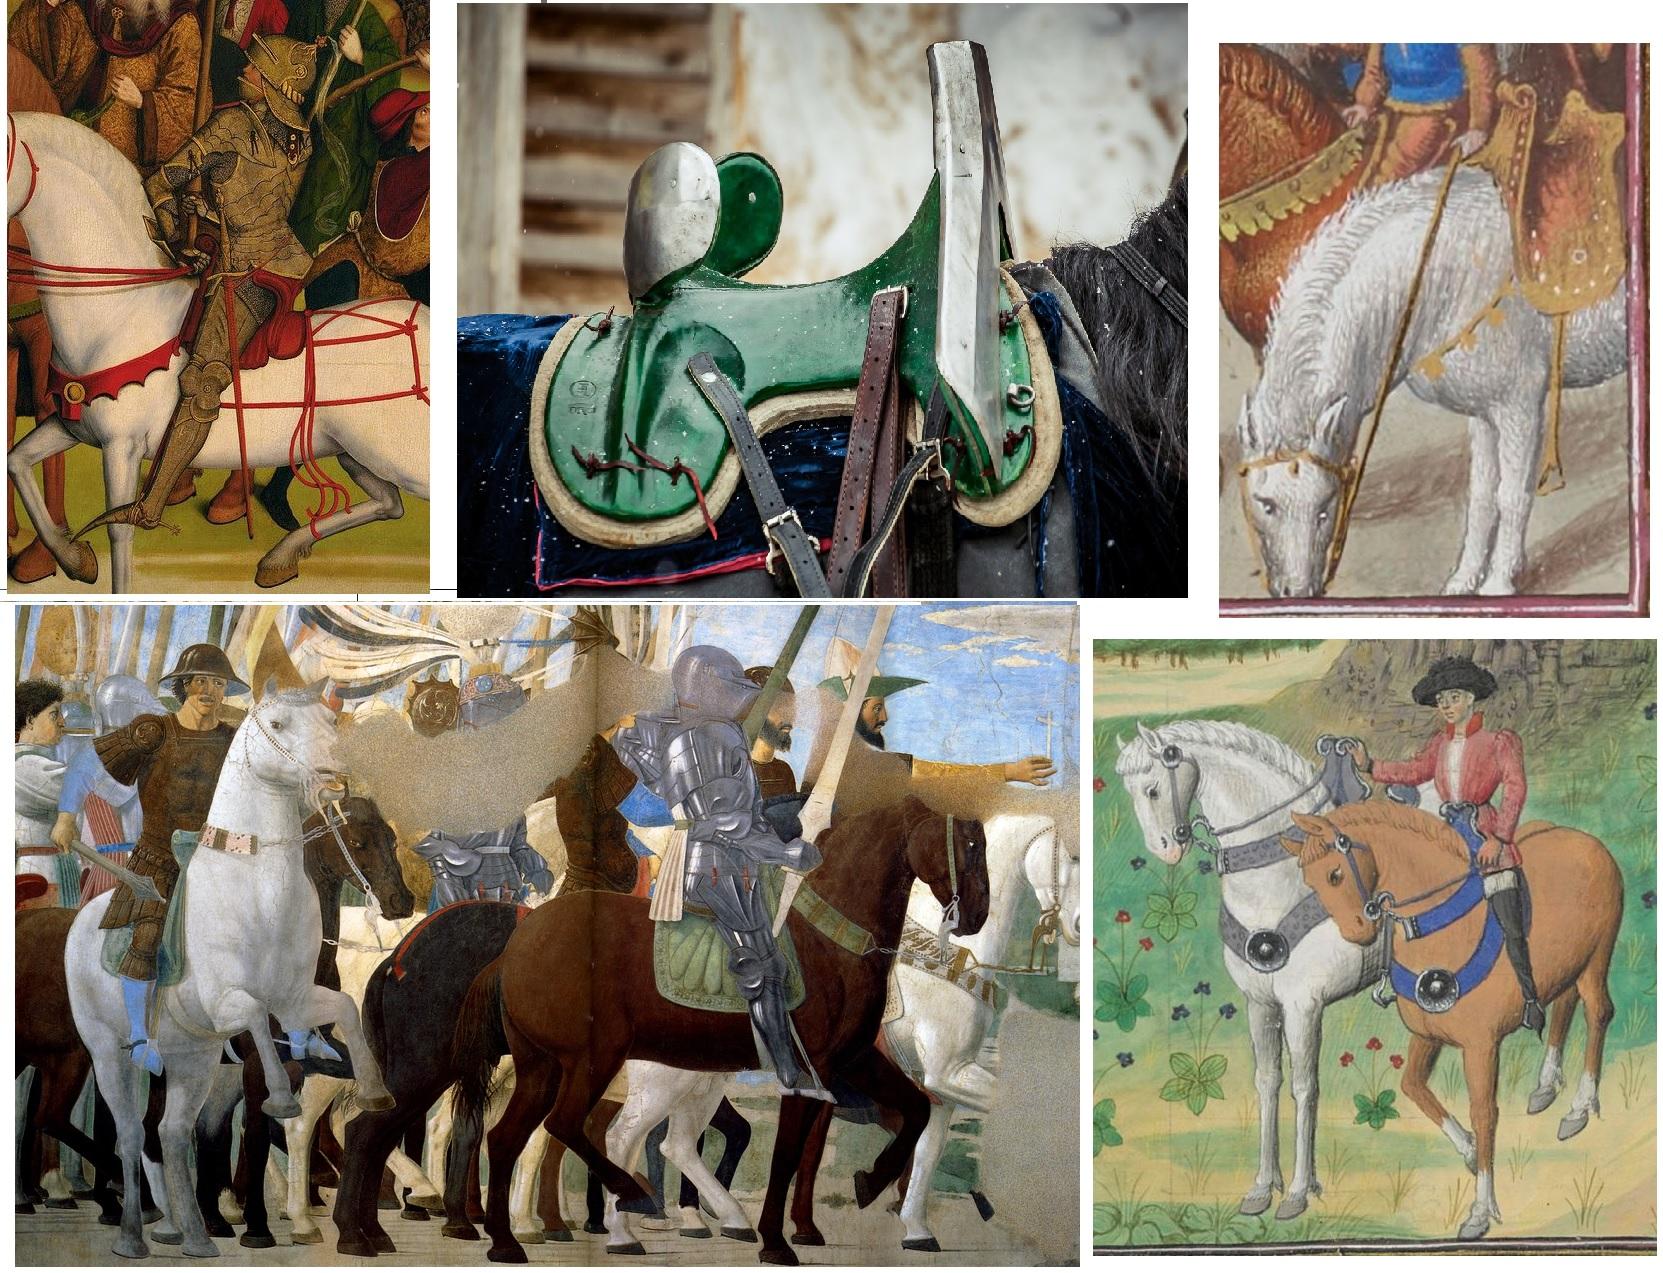 """Король Португалии Дуарте I: """"Пятки вниз, носки к лошади!"""" - фото 2, главная Разное Тренинг , конный журнал EquiLIfe"""